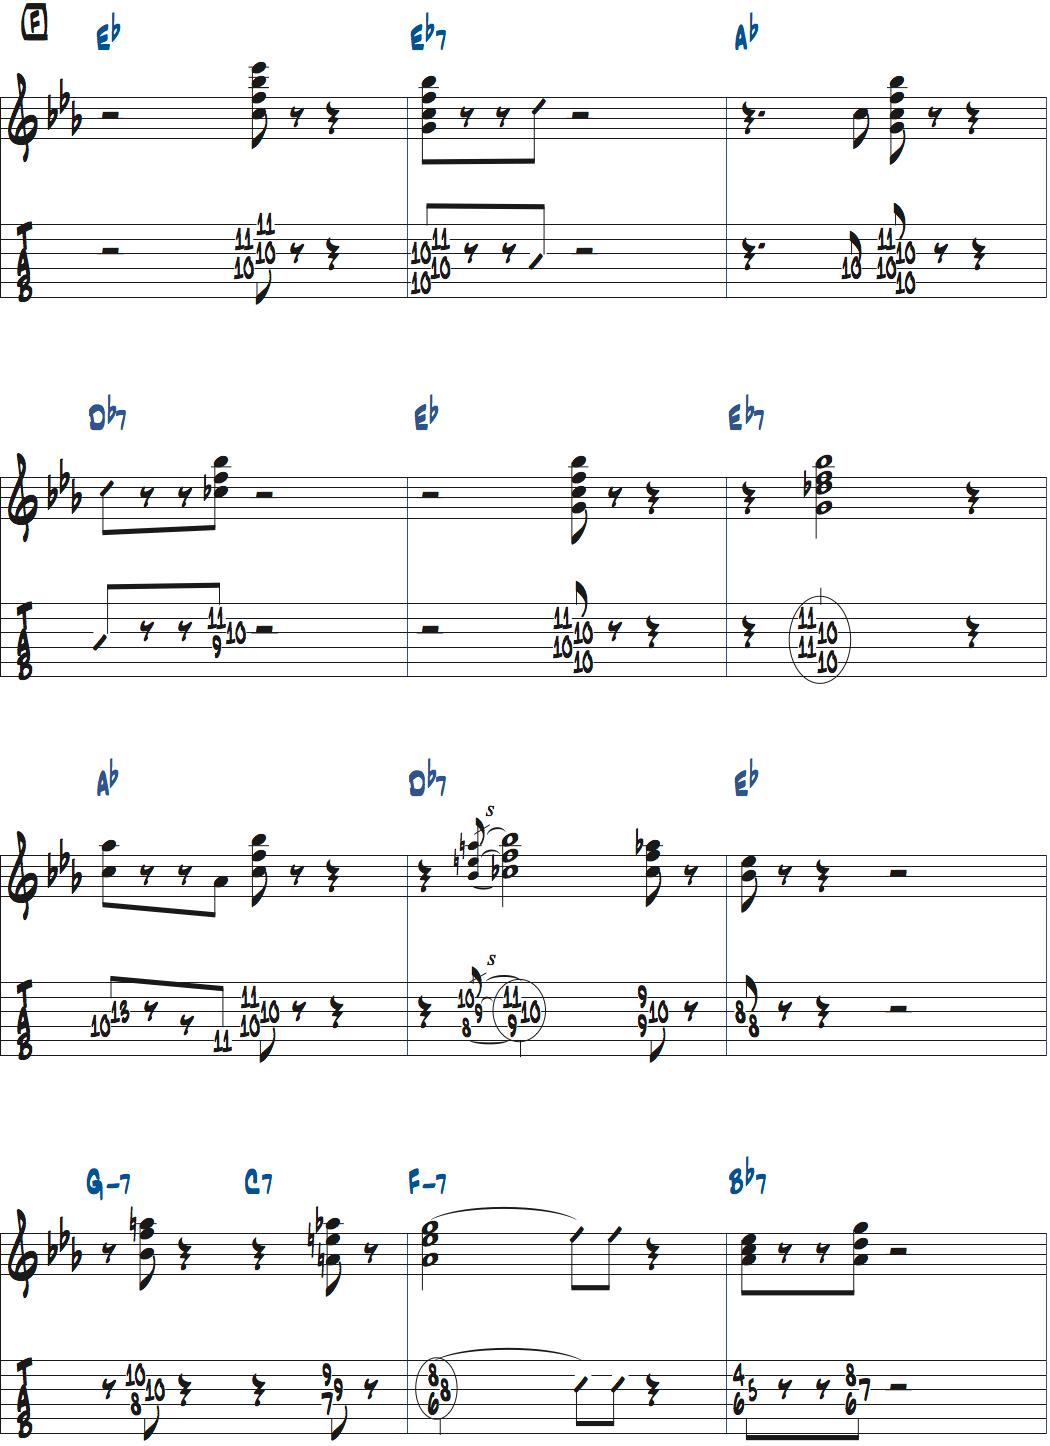 ジムホールのWithout a Songサックスのコンピング1コーラス目楽譜ページ3